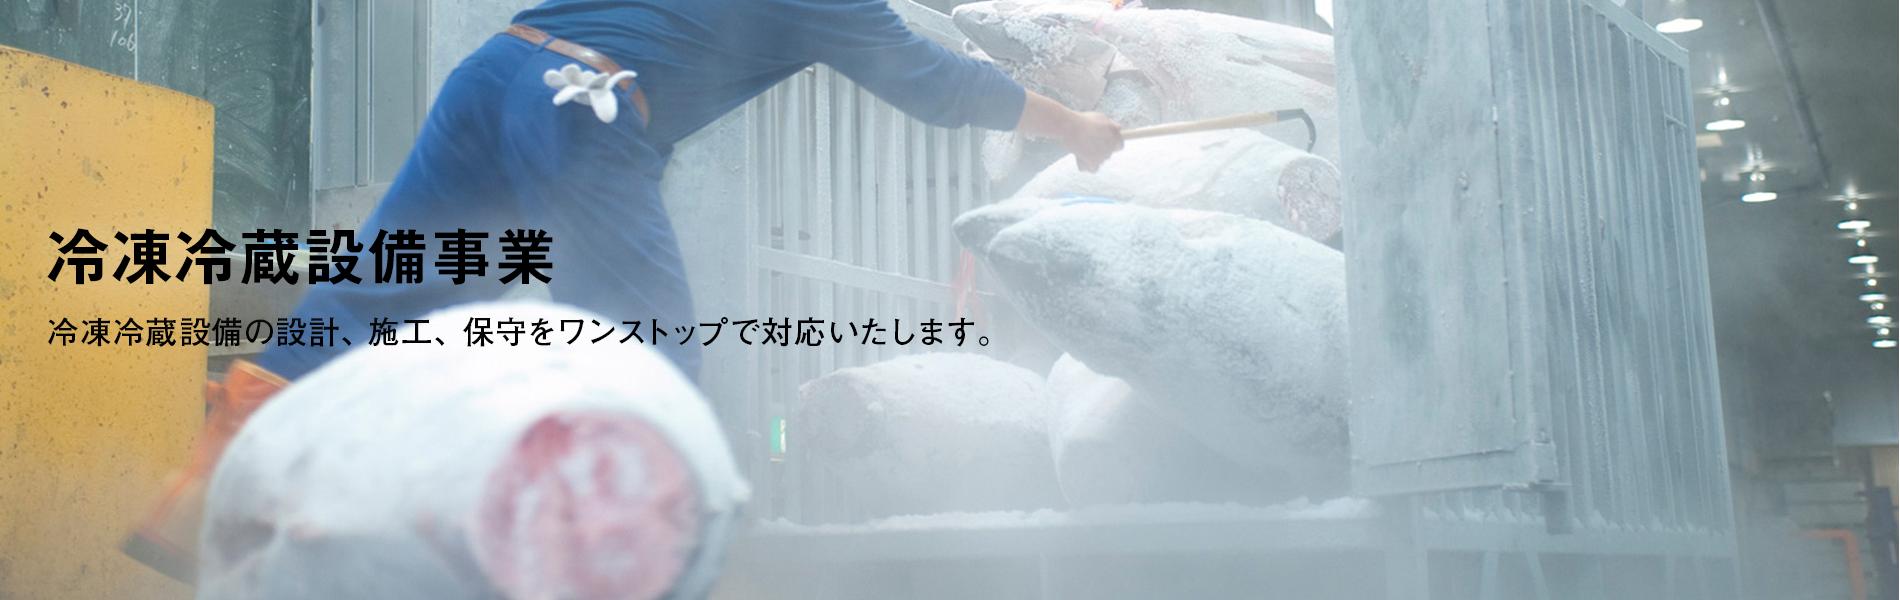 冷凍冷蔵設備事業